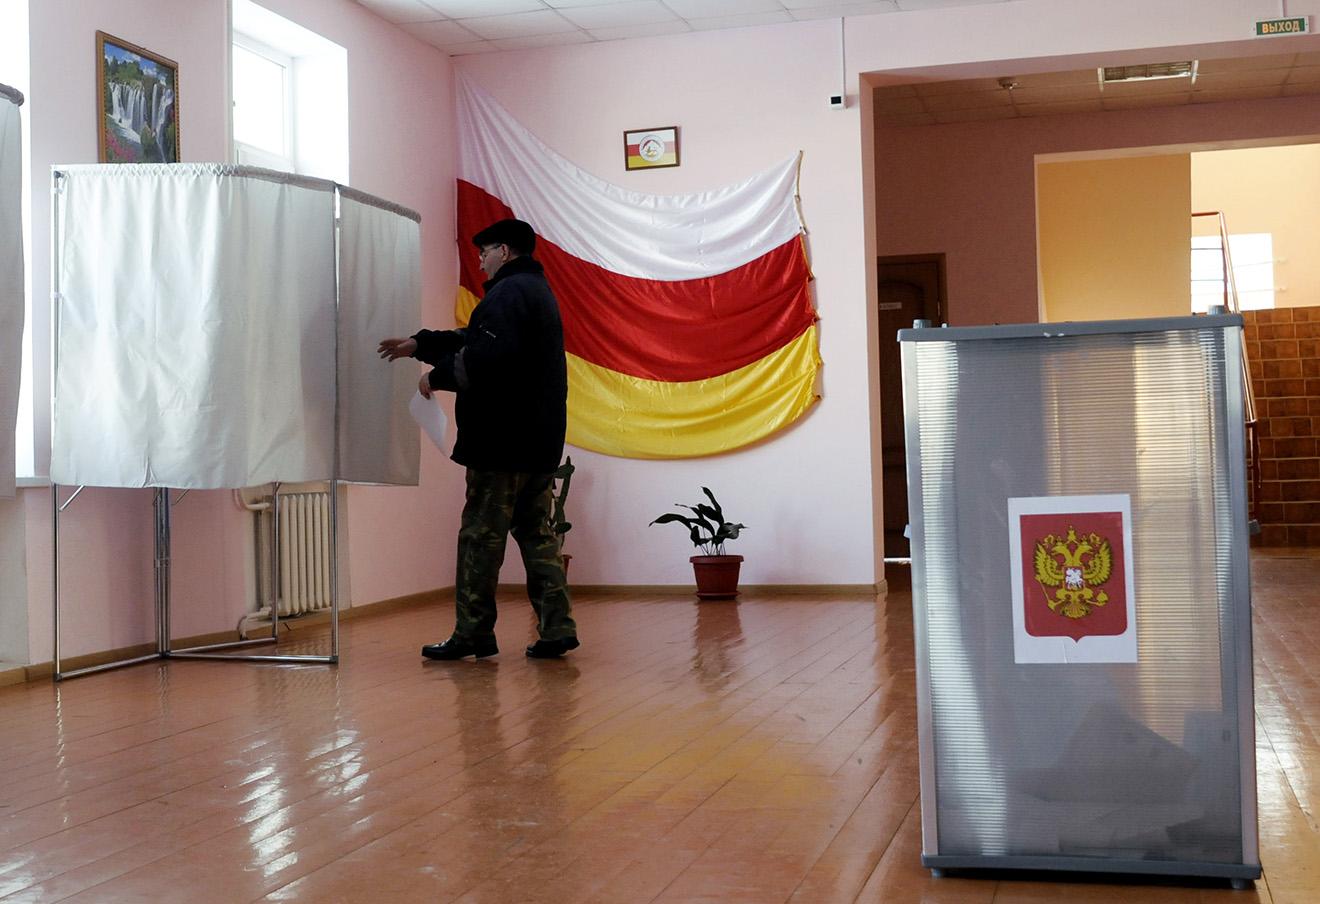 Гражданин России в Южной Осетии во время голосования на выборах в Госдуму на избирательном участке, 2011 год. Фото: Максим Тишин / ТАСС